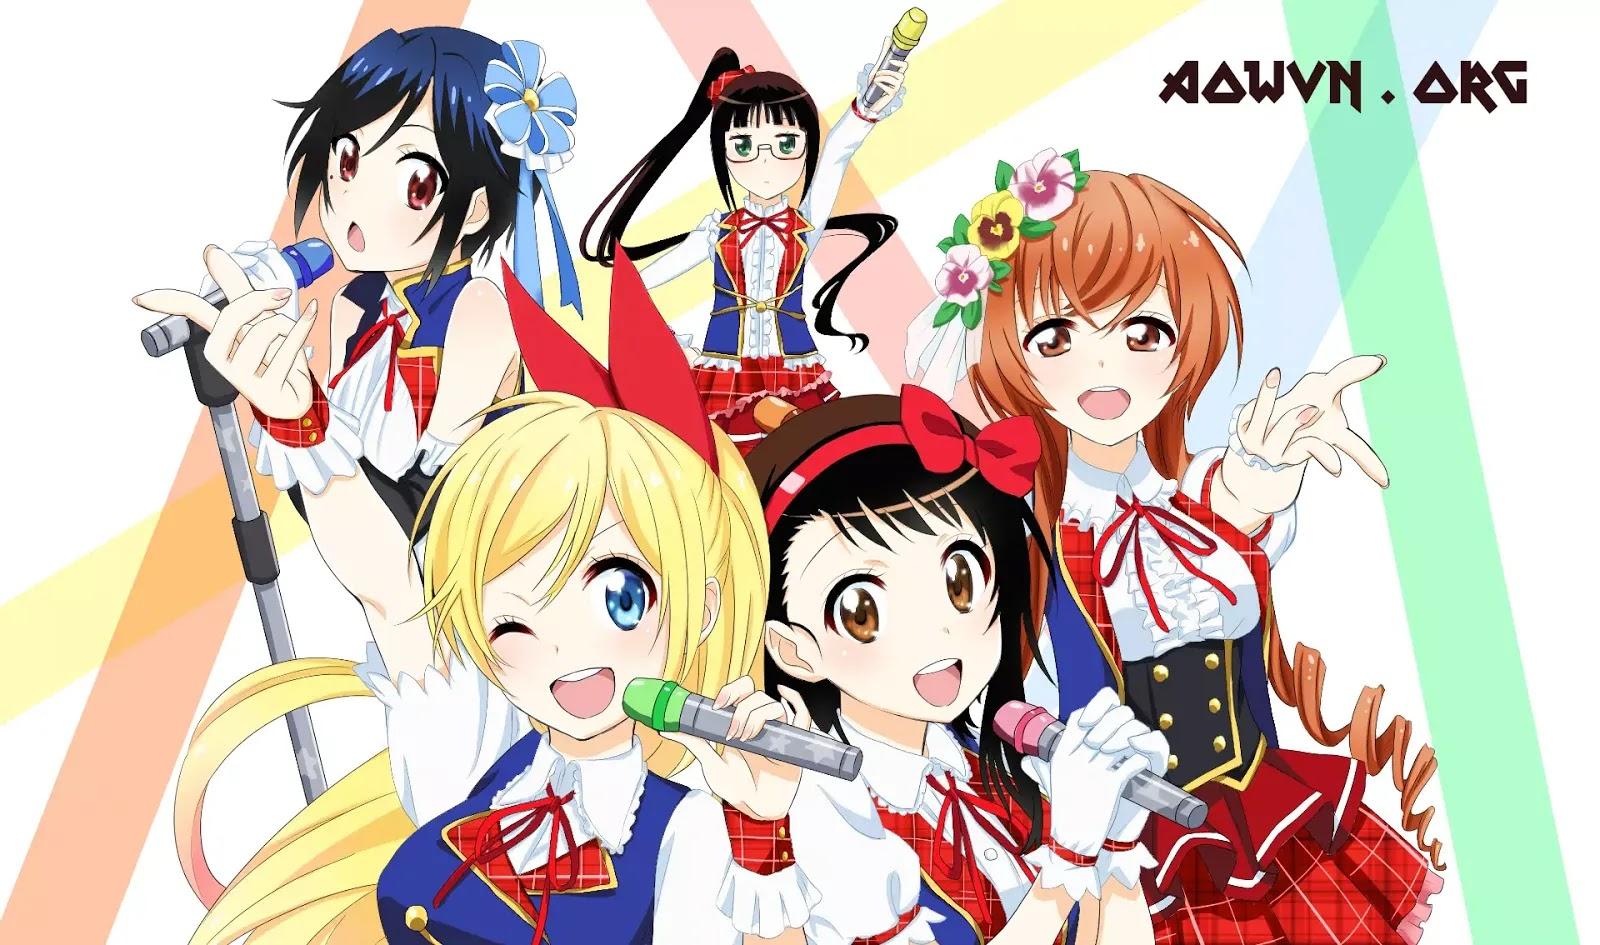 AowVN Nisekoi%2B%25282%2529 - [ Anime 3gp Mp4 ] Nisekoi BD SS1 + SS2 + OVA | Vietsub - Tình Cảm Hài Hước Cực Hay